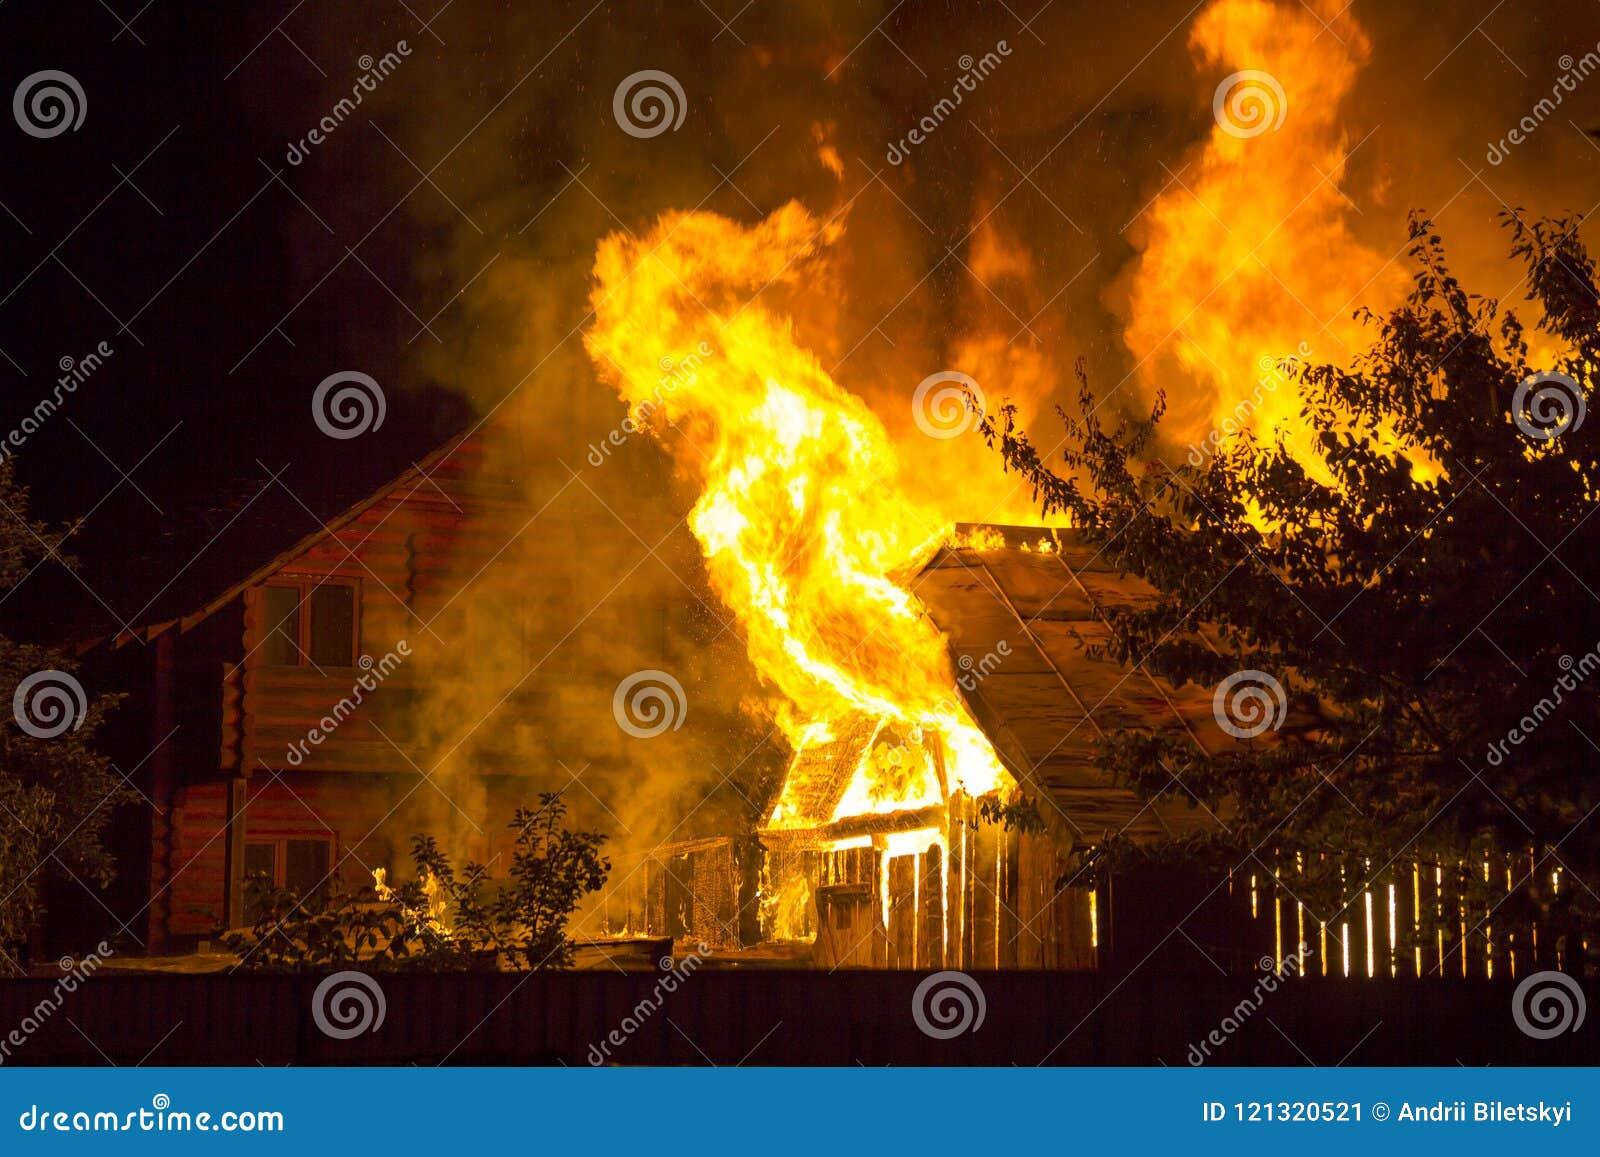 Maison en bois brûlante la nuit Flammes oranges lumineuses et fumée dense de dessous le toit carrelé sur le ciel, les silhouettes